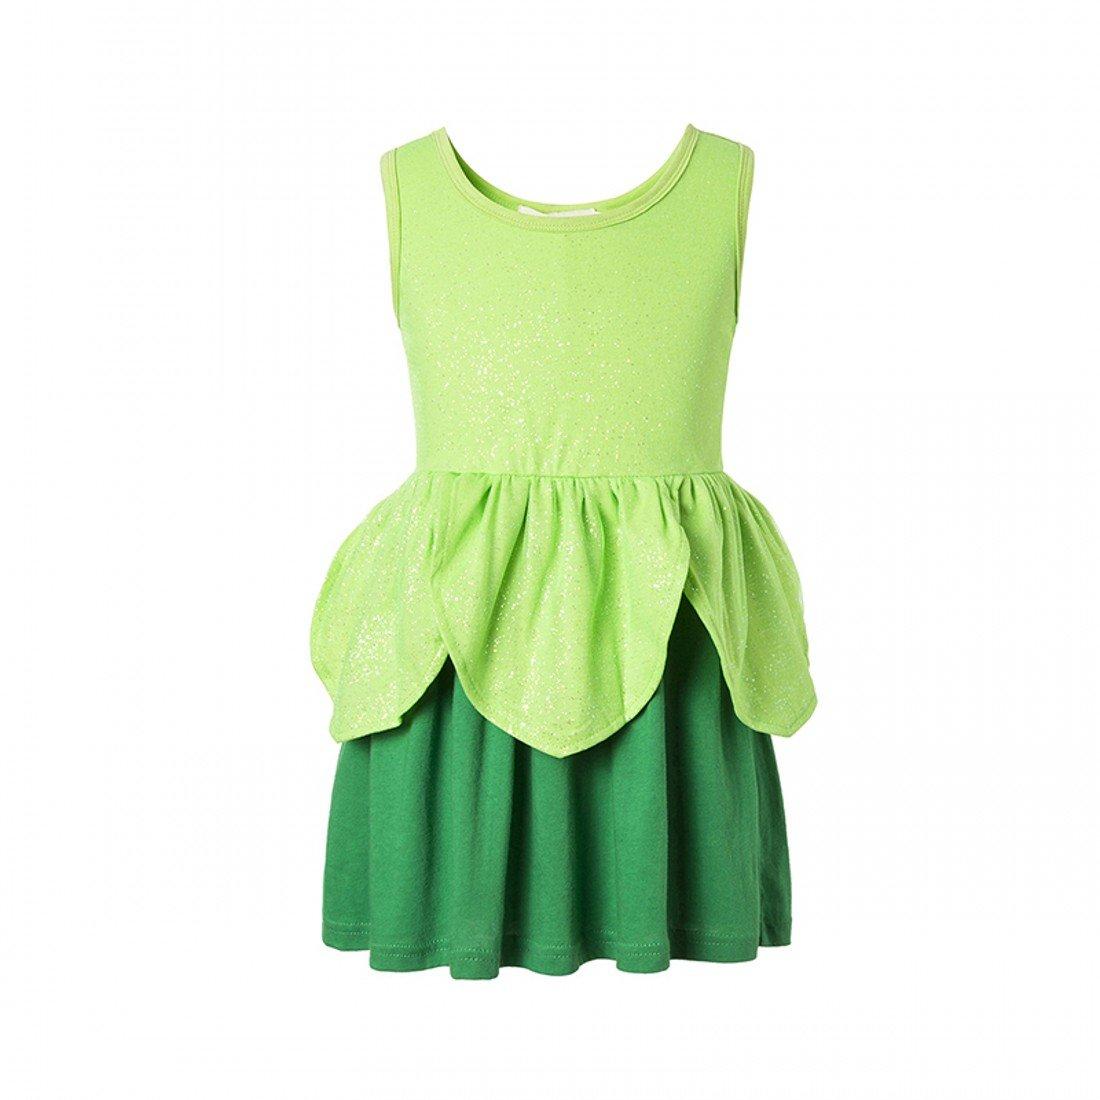 Tinkerbell Classic Girls Costume Tinker Bell Princess Dress Girls Dress (7, Green)